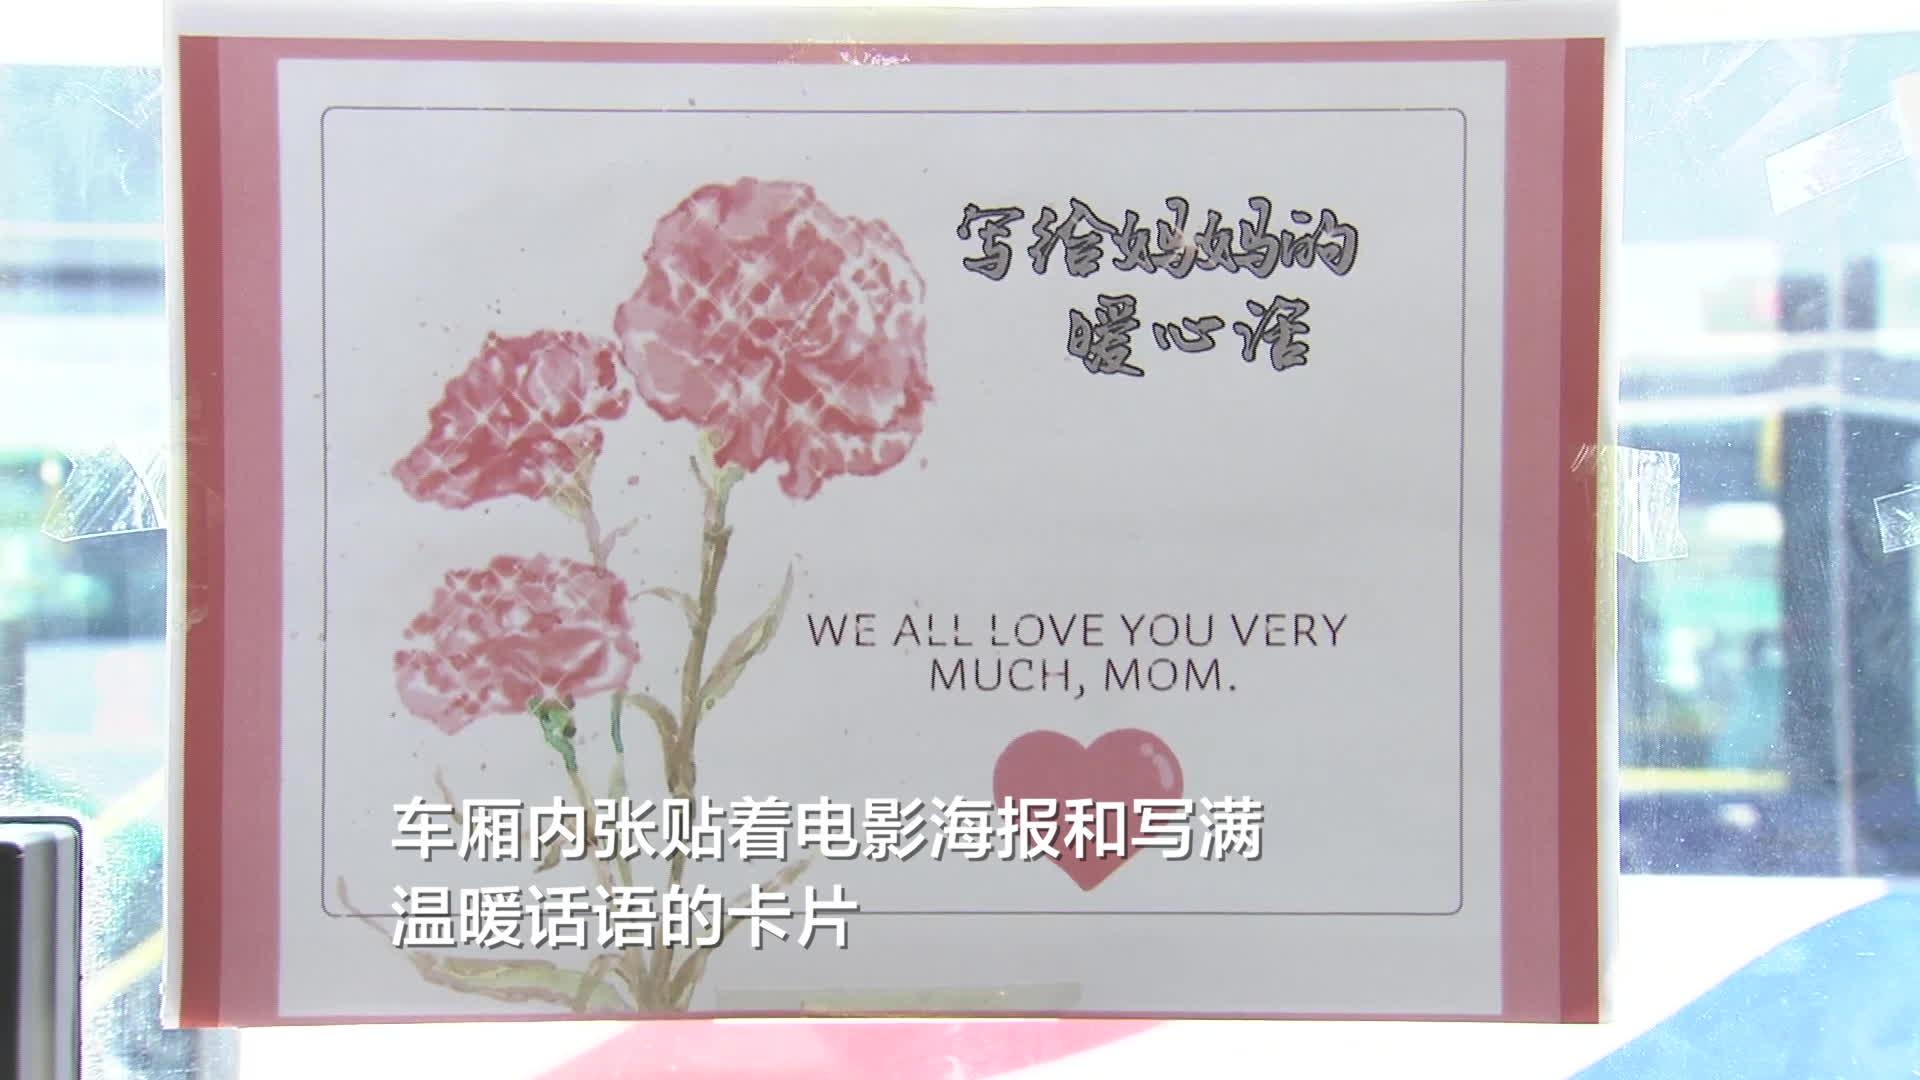 """青岛""""李焕英""""主题公交上路 乘客分享与妈妈的故事:希望她永远年轻精彩"""